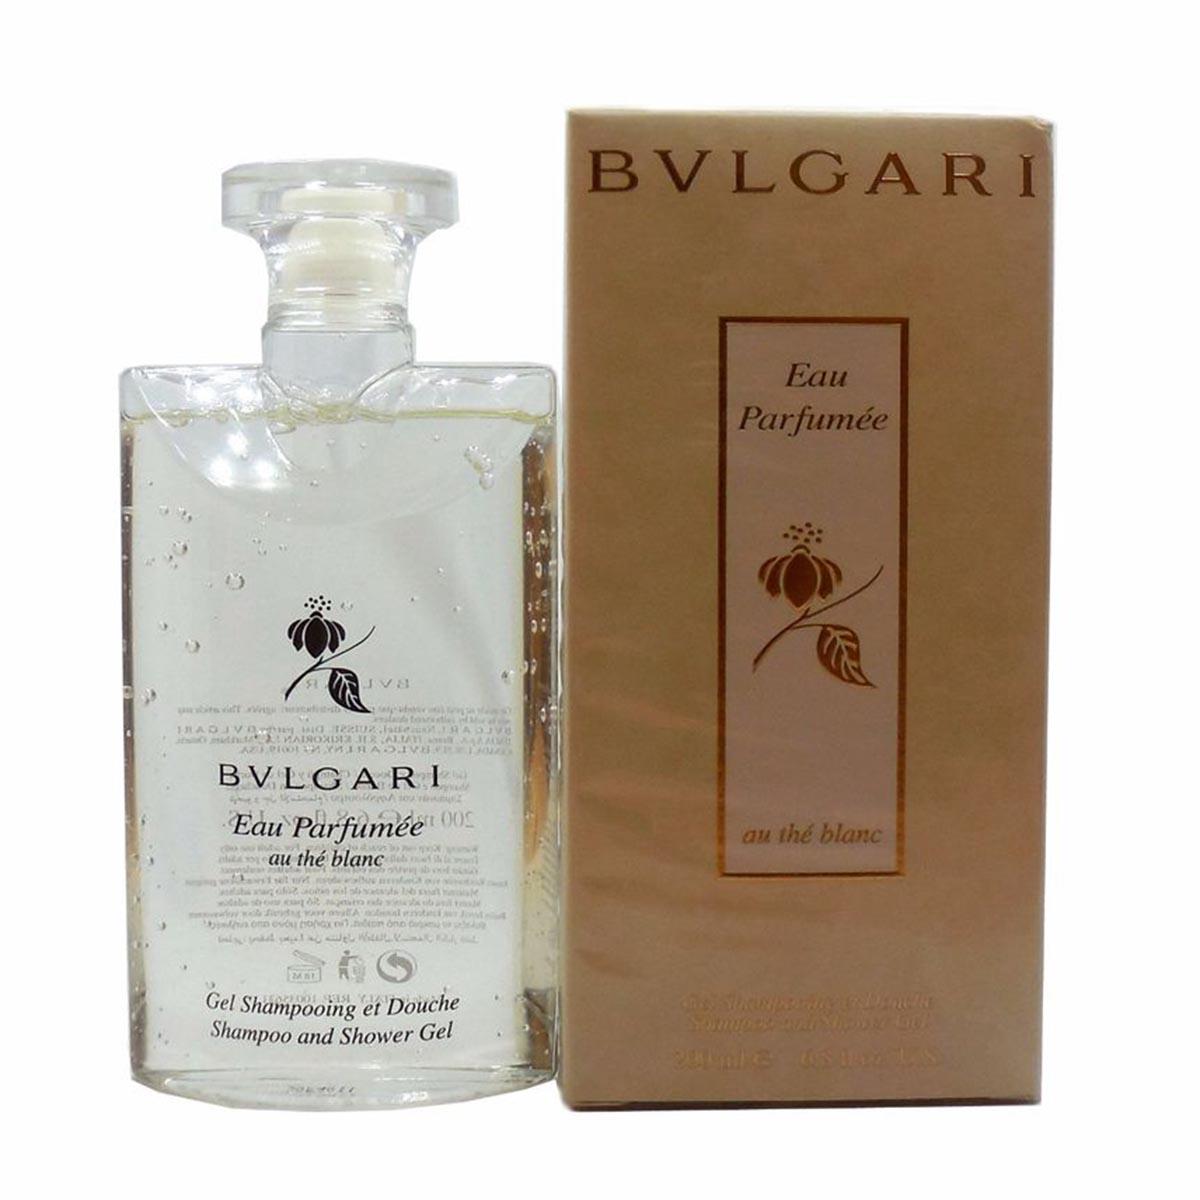 Bvlgari Shower Gel And Shoo Bvlgari Au The Blanc Eau